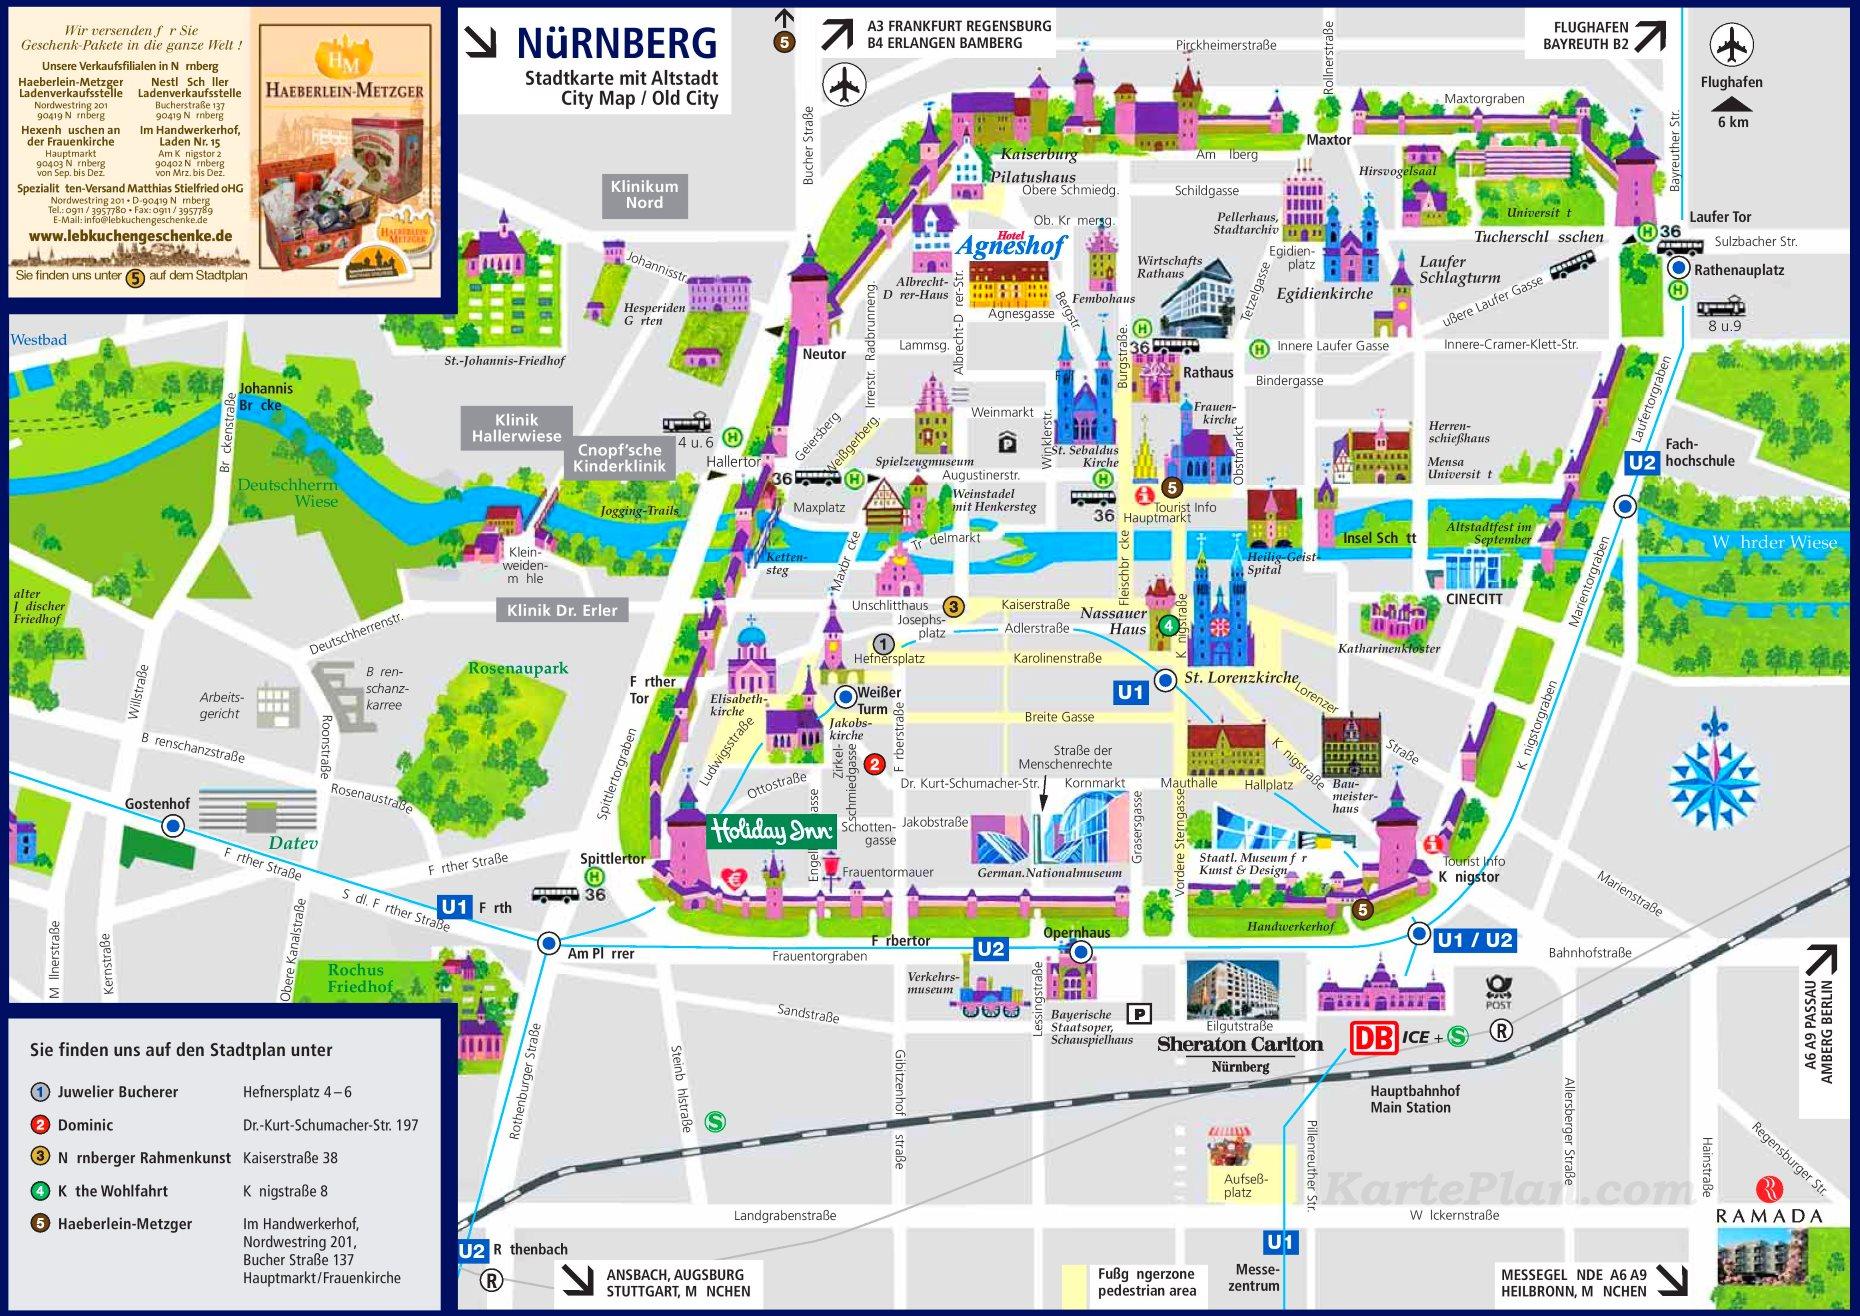 Stilistische Darstellung der Sehenswürdigkeiten Nürnbergs für einen schnellen Überblick